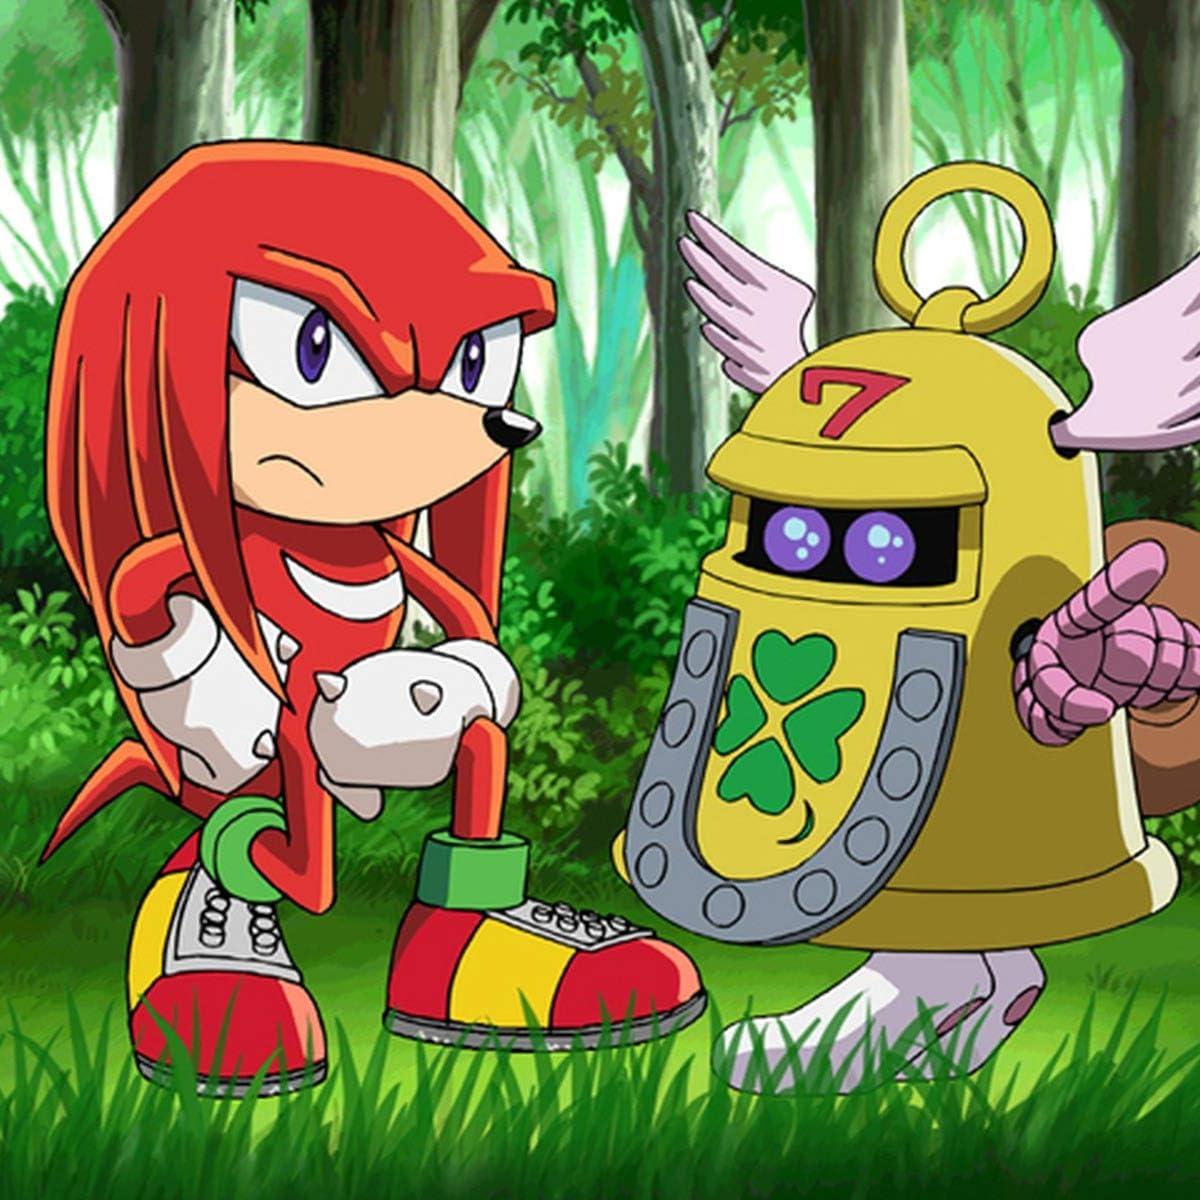 ソニック ザ ヘッジホッグ Sonic The Hedgehog Ipad壁紙 ナックルズ